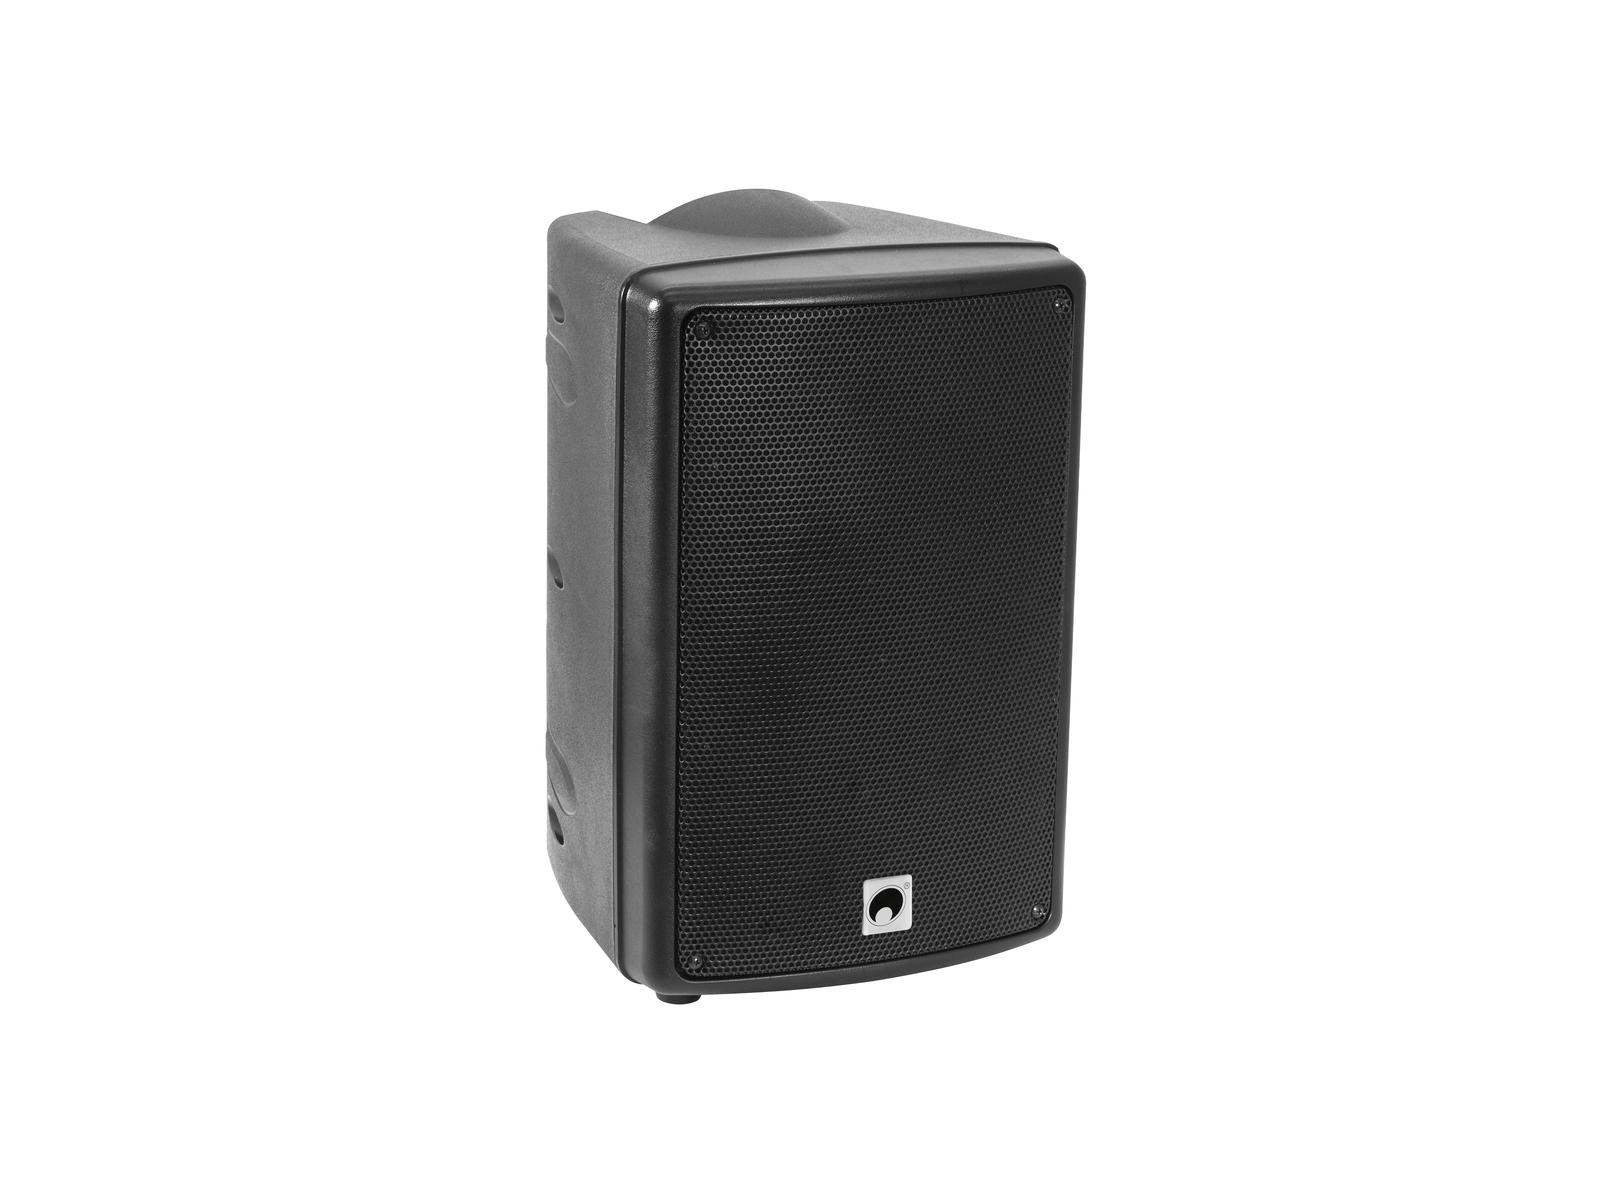 Omnitronic WAMS-08BT MK2 bezdrátový PA systém, MP3/BT/AKKU